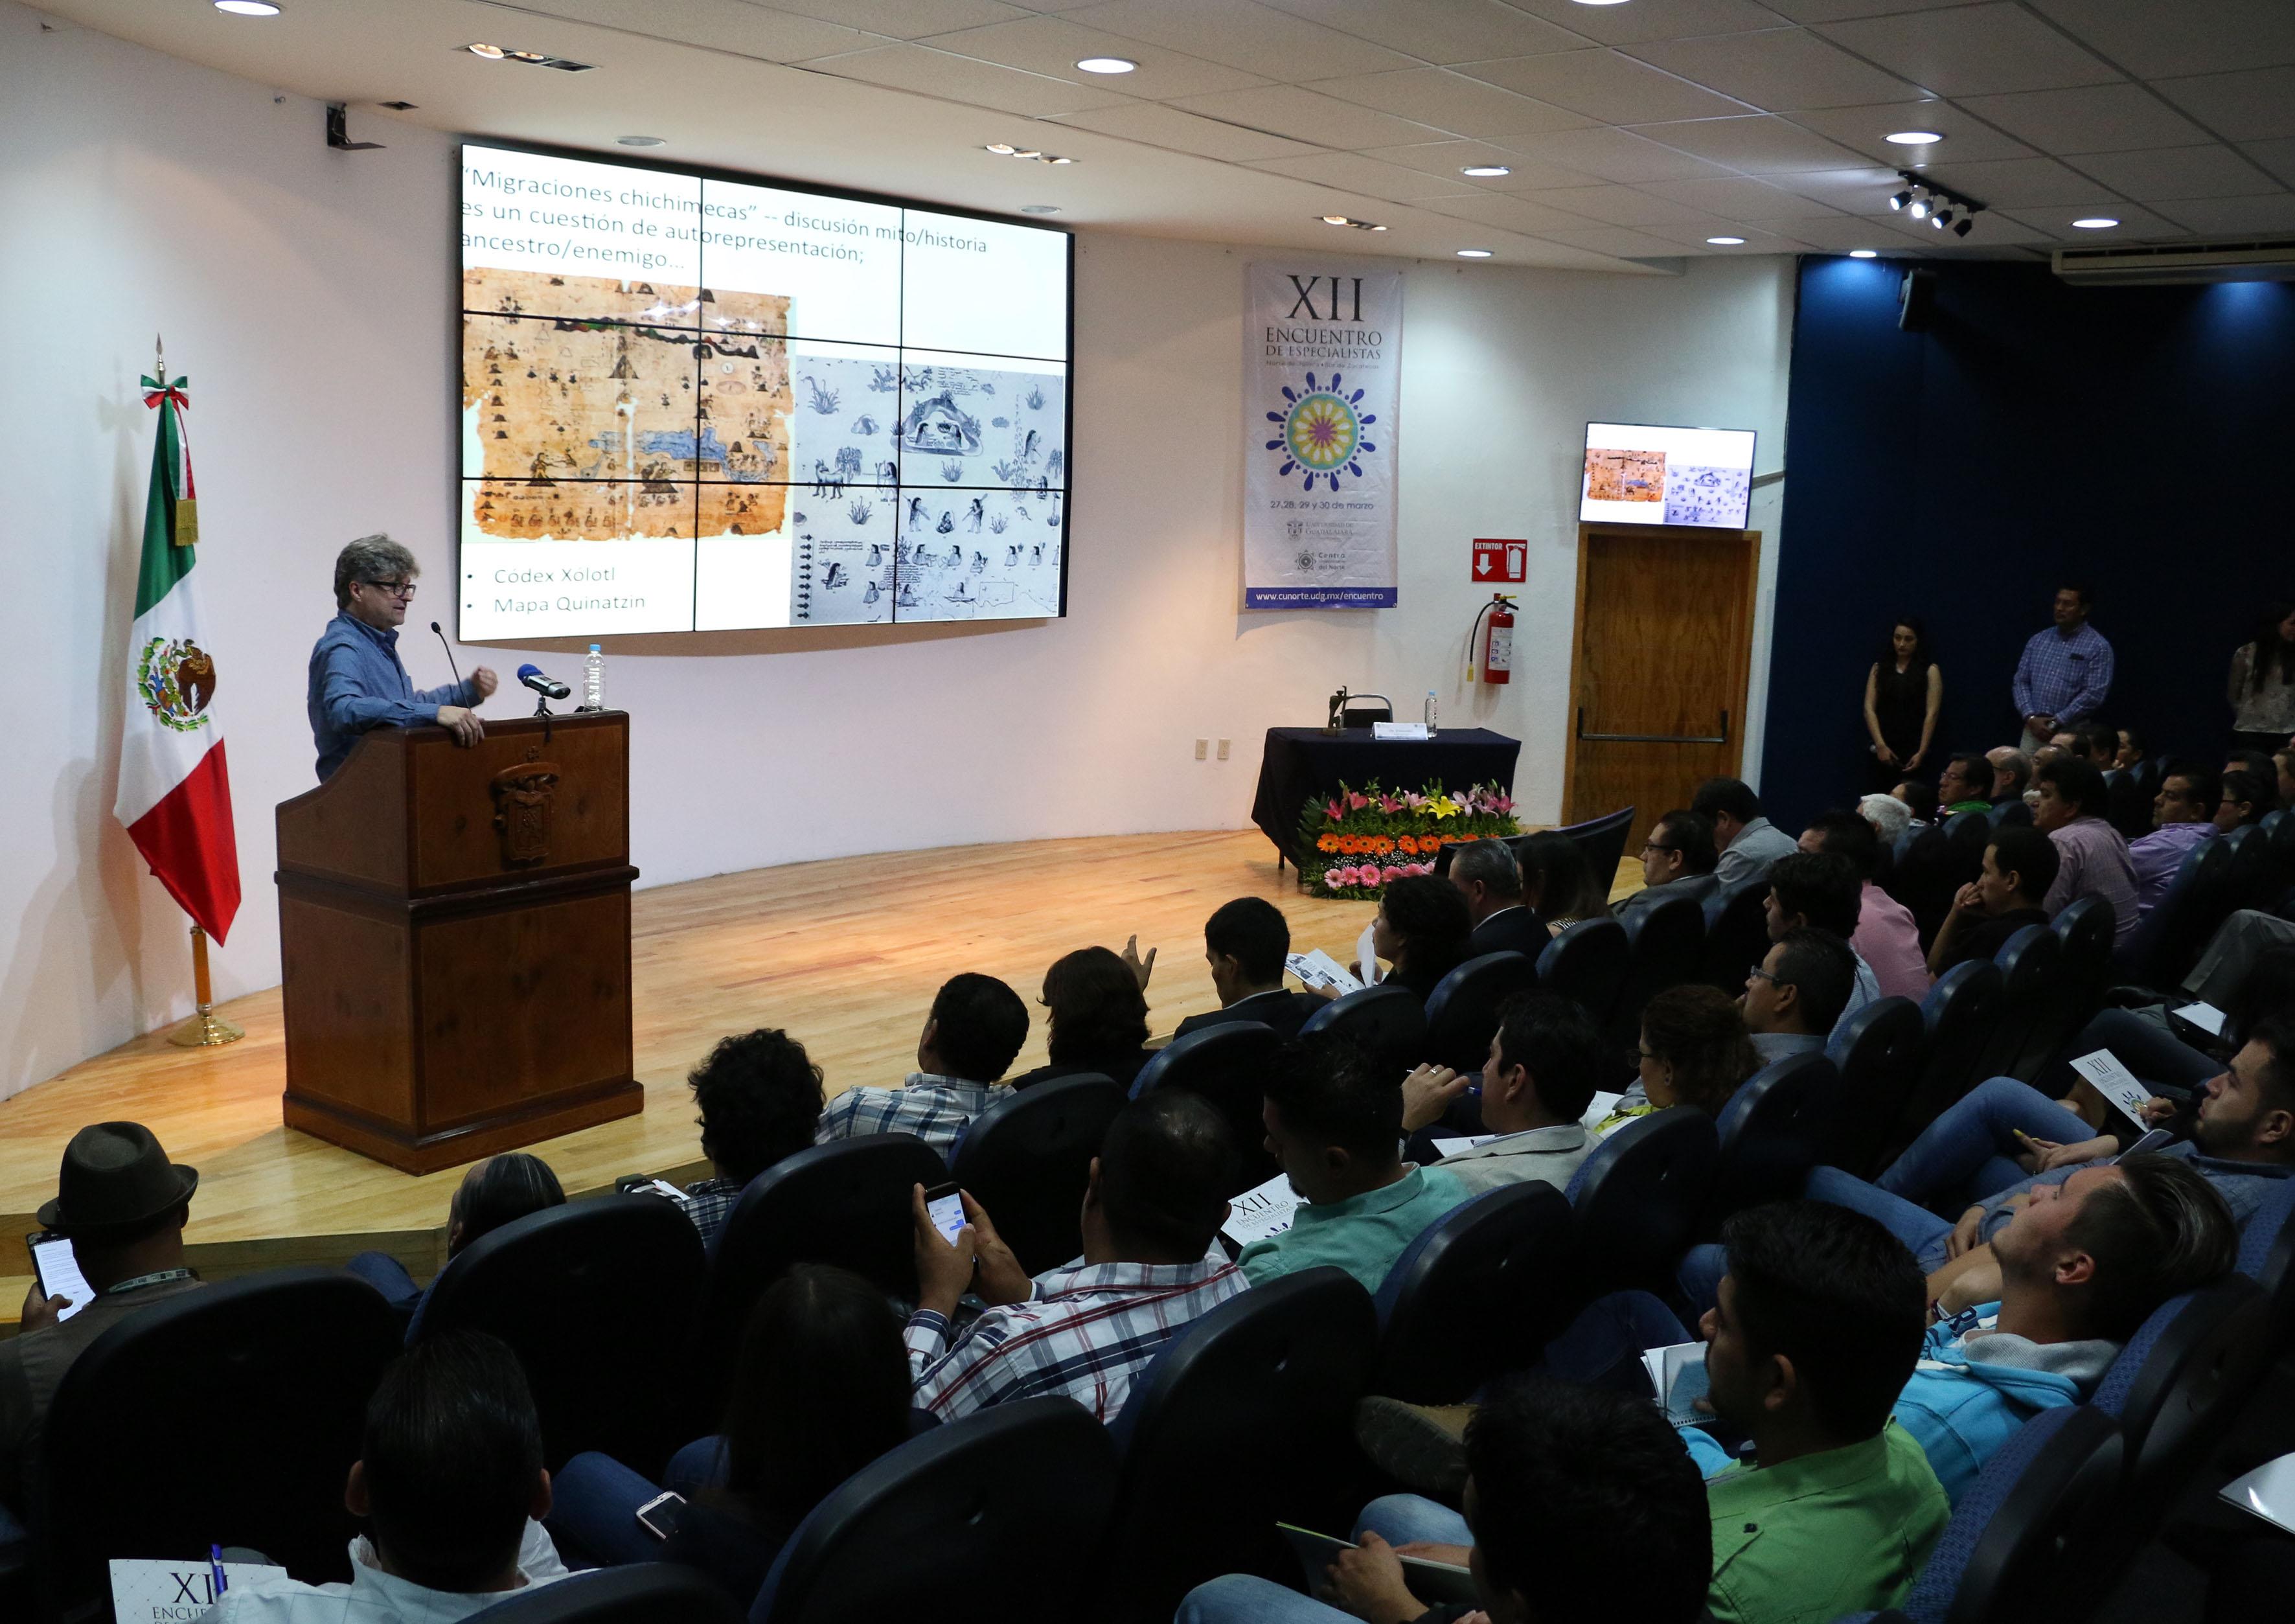 Doctor Johannes Neurath, profesor investigador, impartiendo conferencia magistral, en el marco del XII Encuentro de Especialistas de la Región Norte de Jalisco y Sur de Zacatecas.